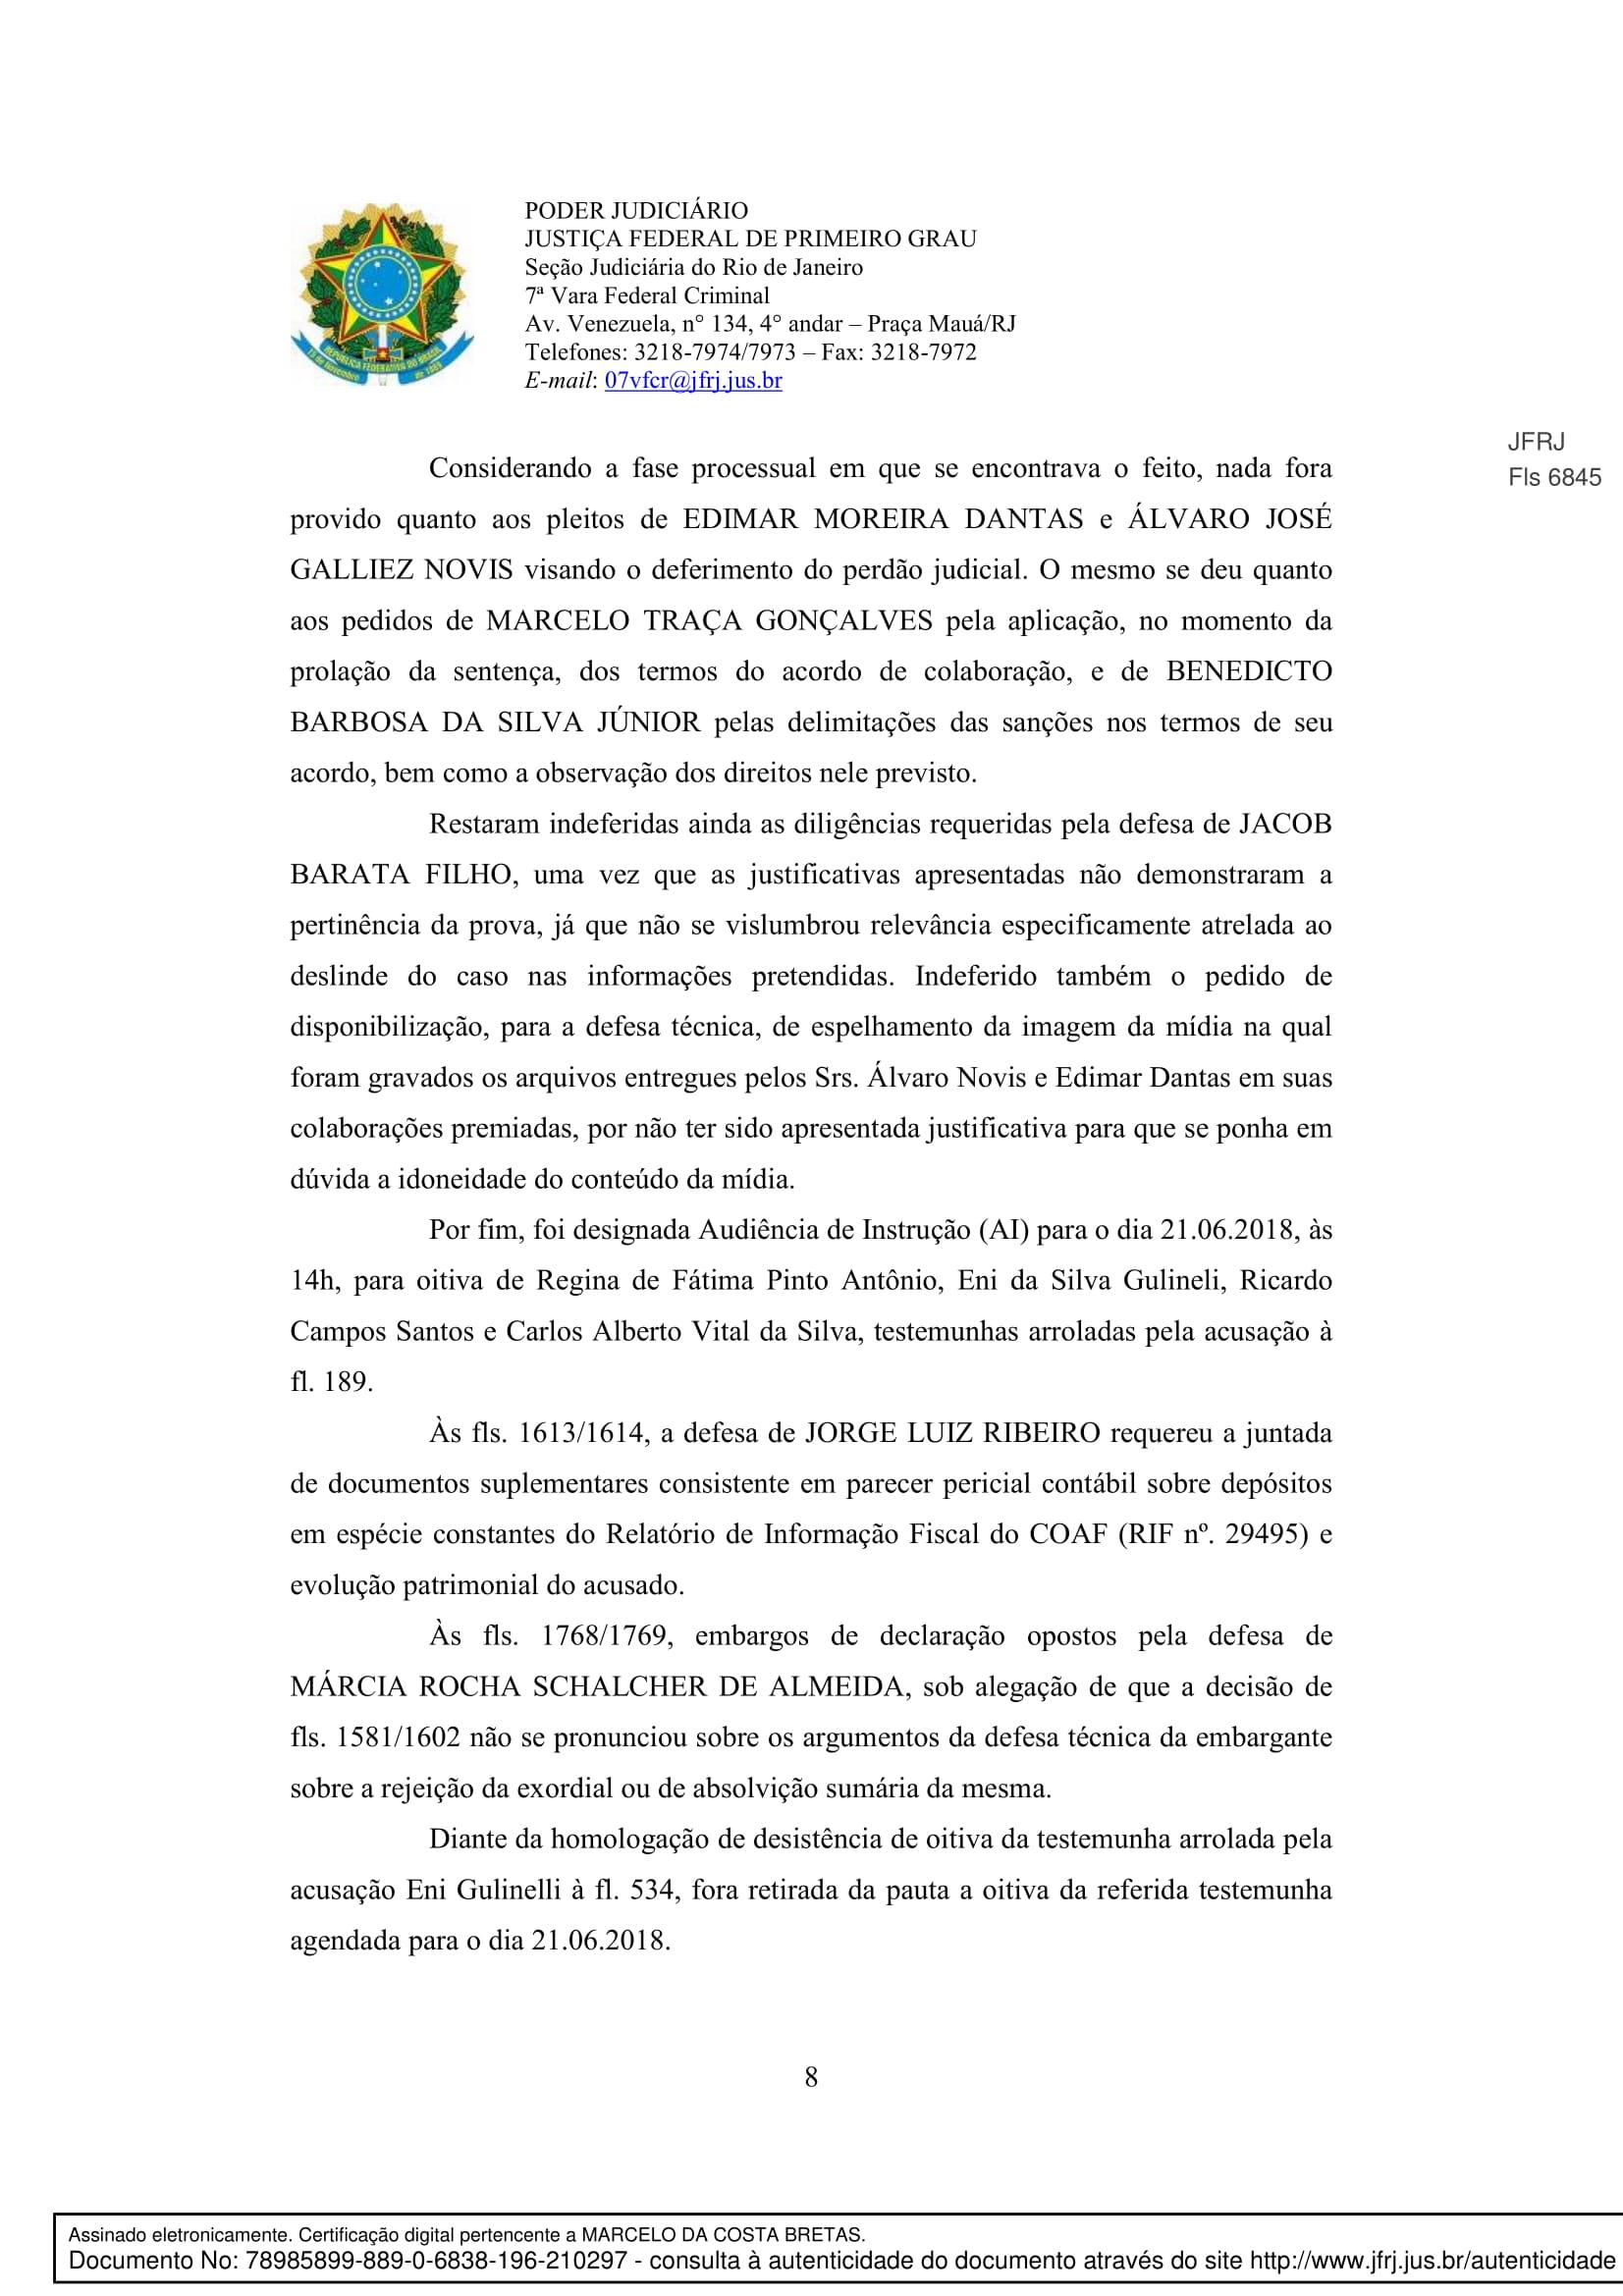 Sentenca-Cadeia-Velha-7VFC-008